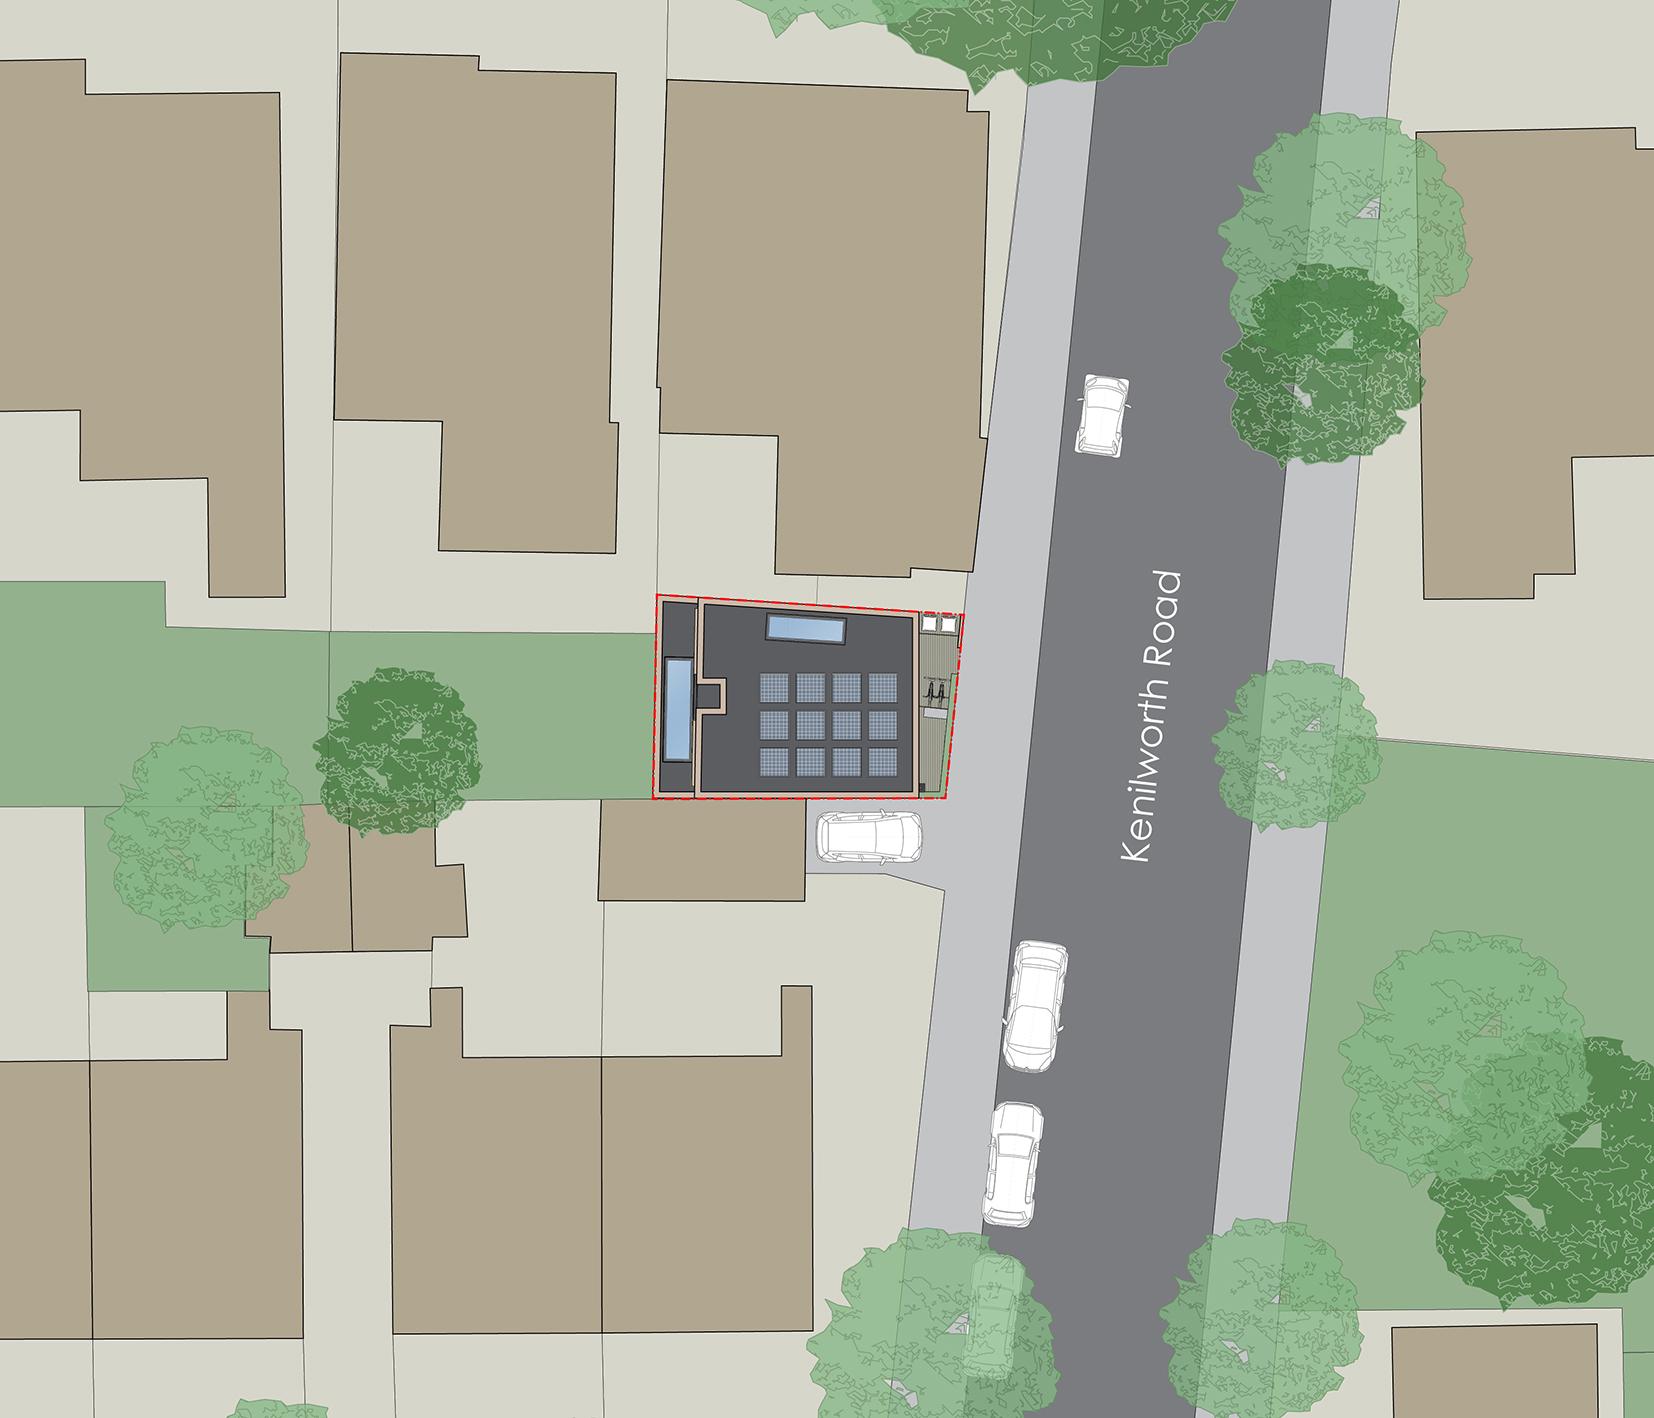 Land to rear of 72 Grange Road